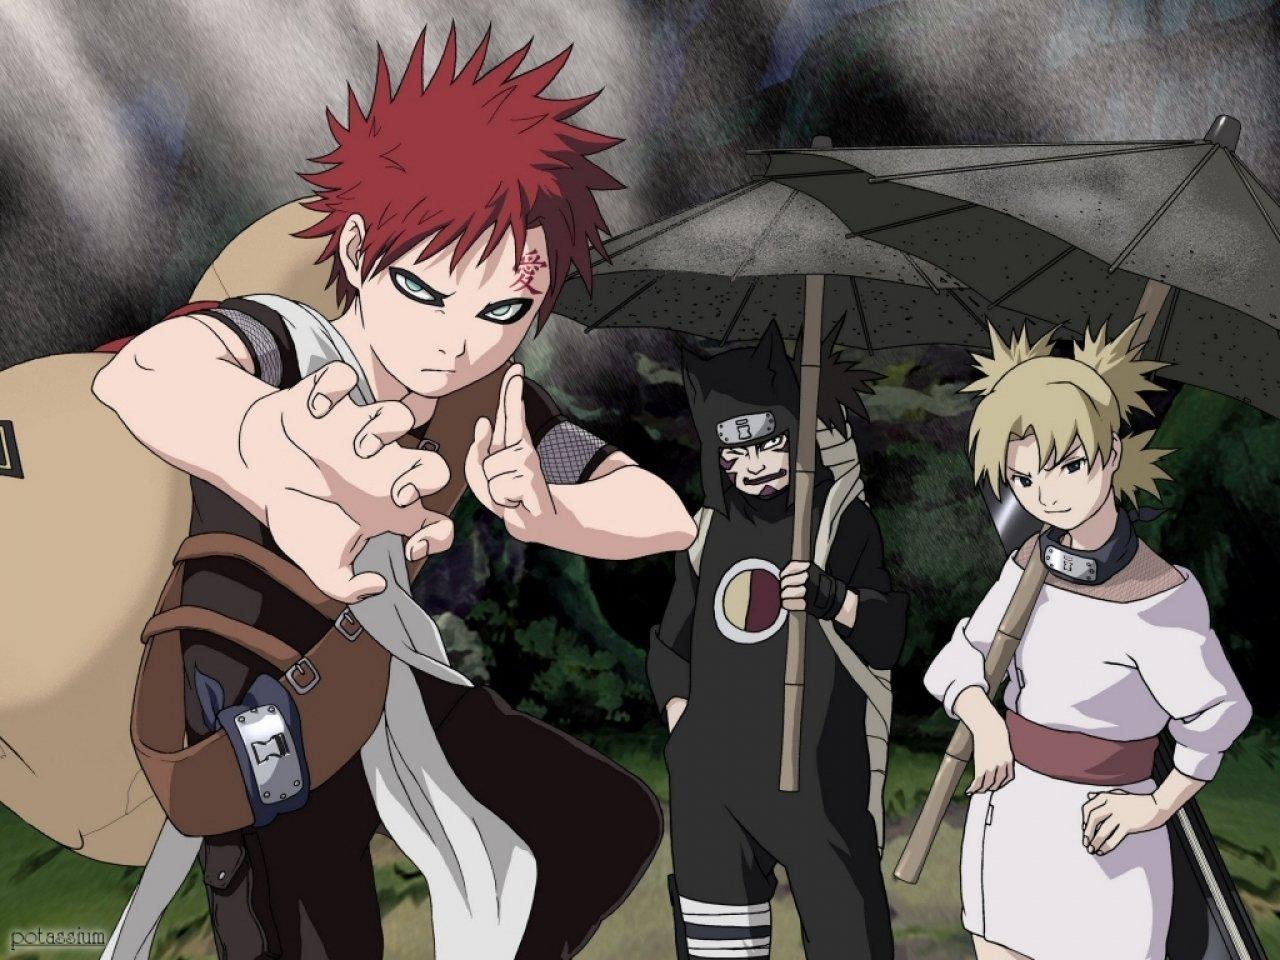 Anime - Naruto  Sand Gaara (Naruto) Wallpaper